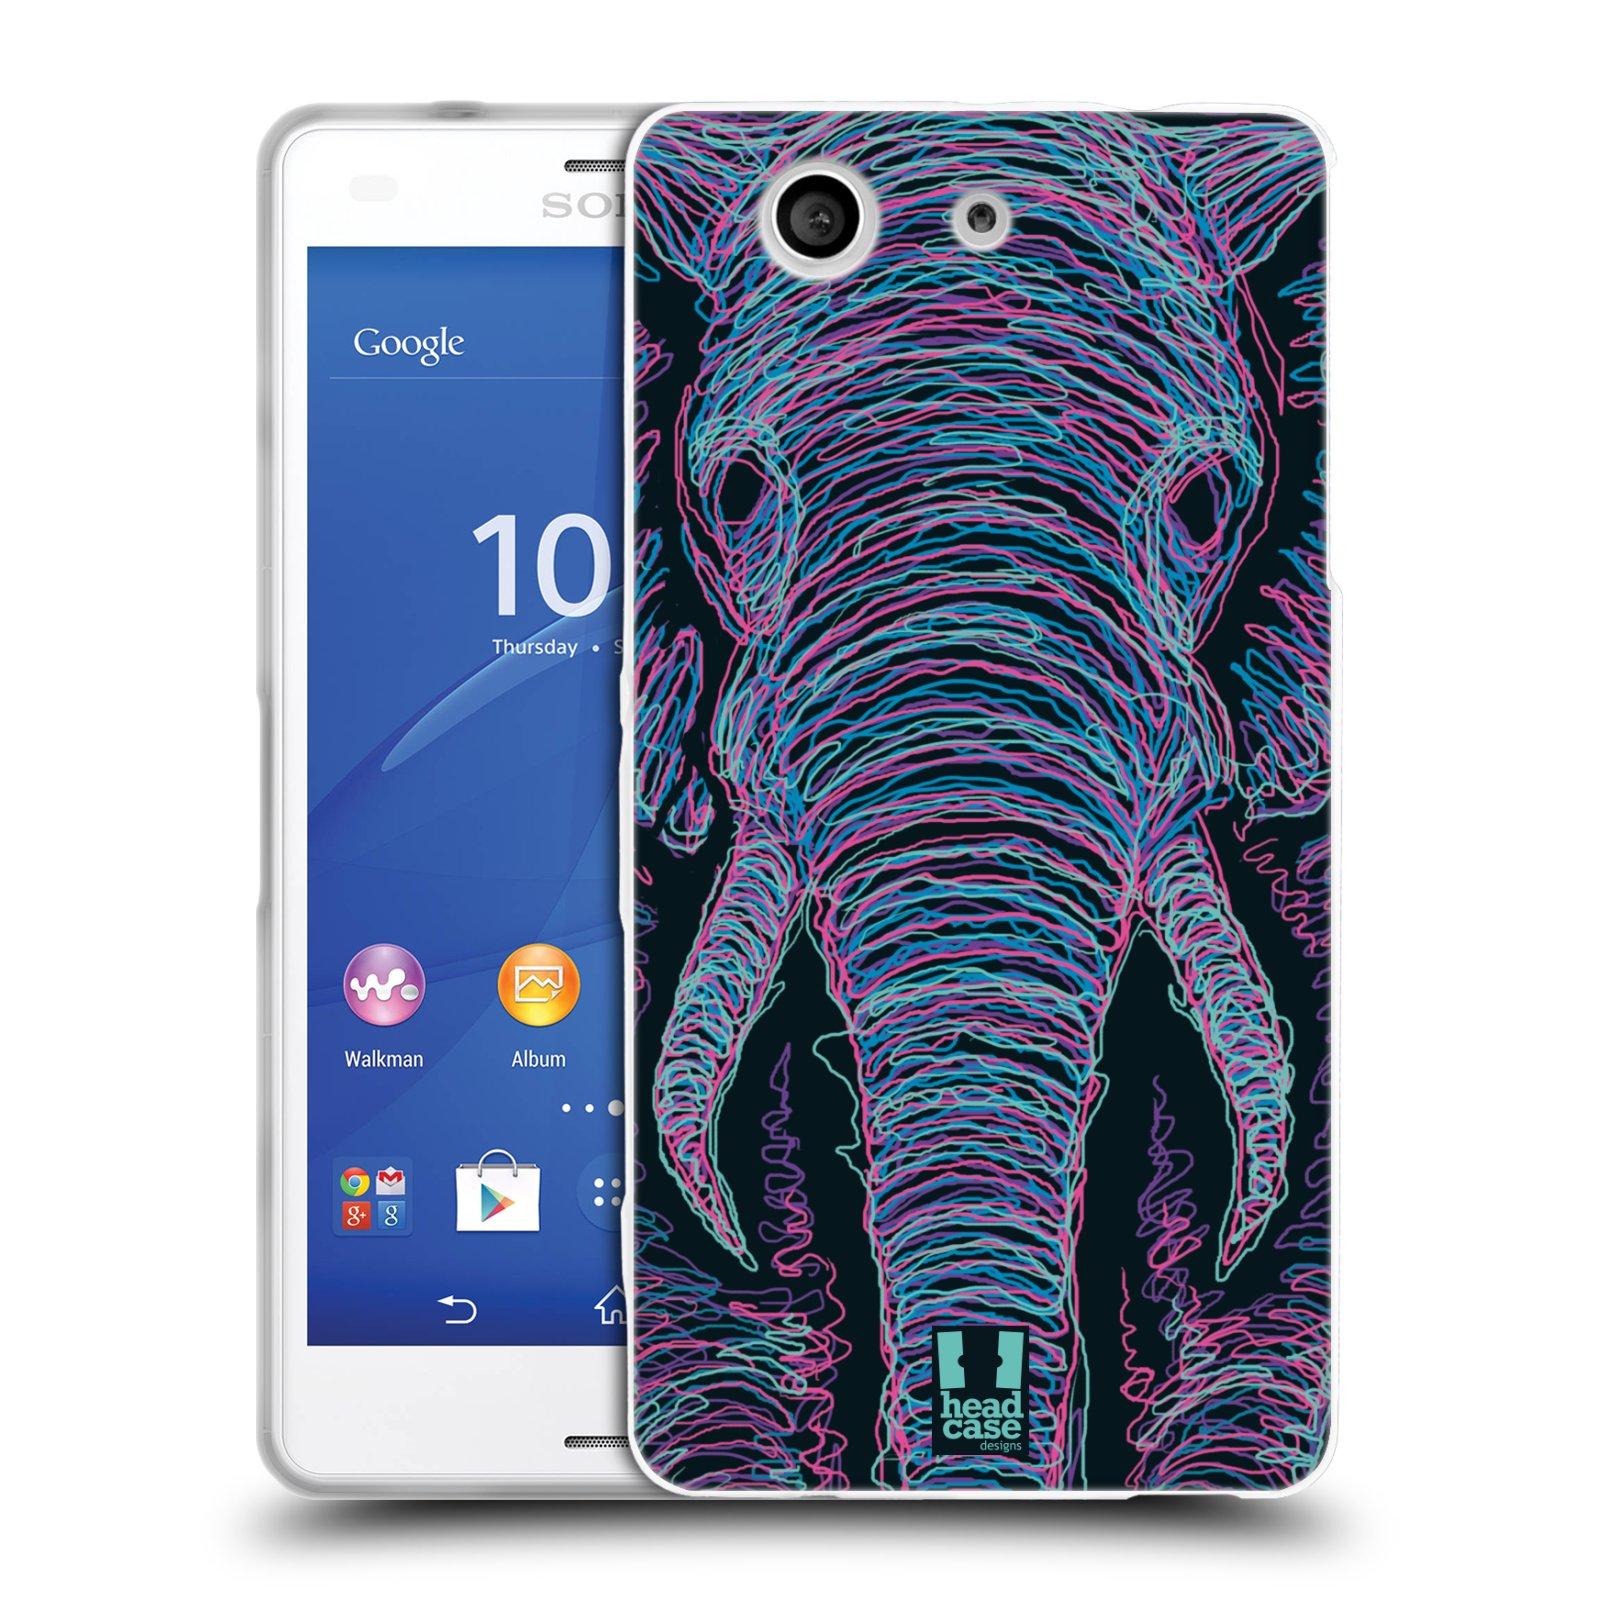 HEAD CASE silikonový obal na mobil Sony Xperia Z3 COMPACT (D5803) vzor zvíře čmáranice slon